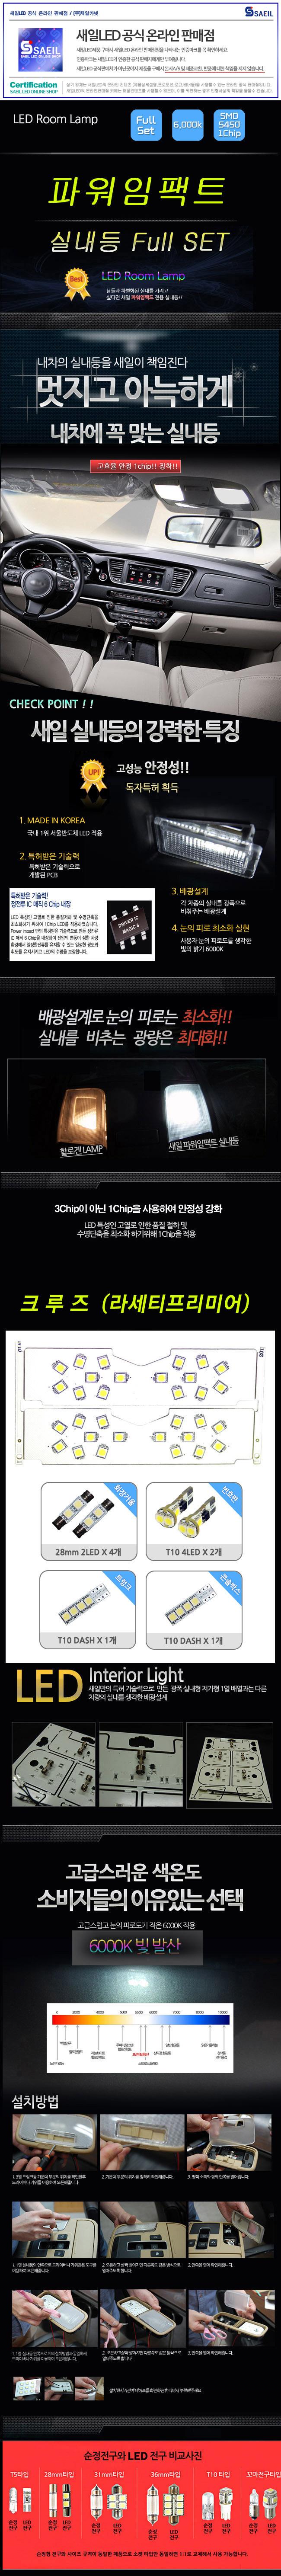 [파워임팩트] 새일 LED실내등 고급형 풀세트 _ 크루즈,라세티프리미어